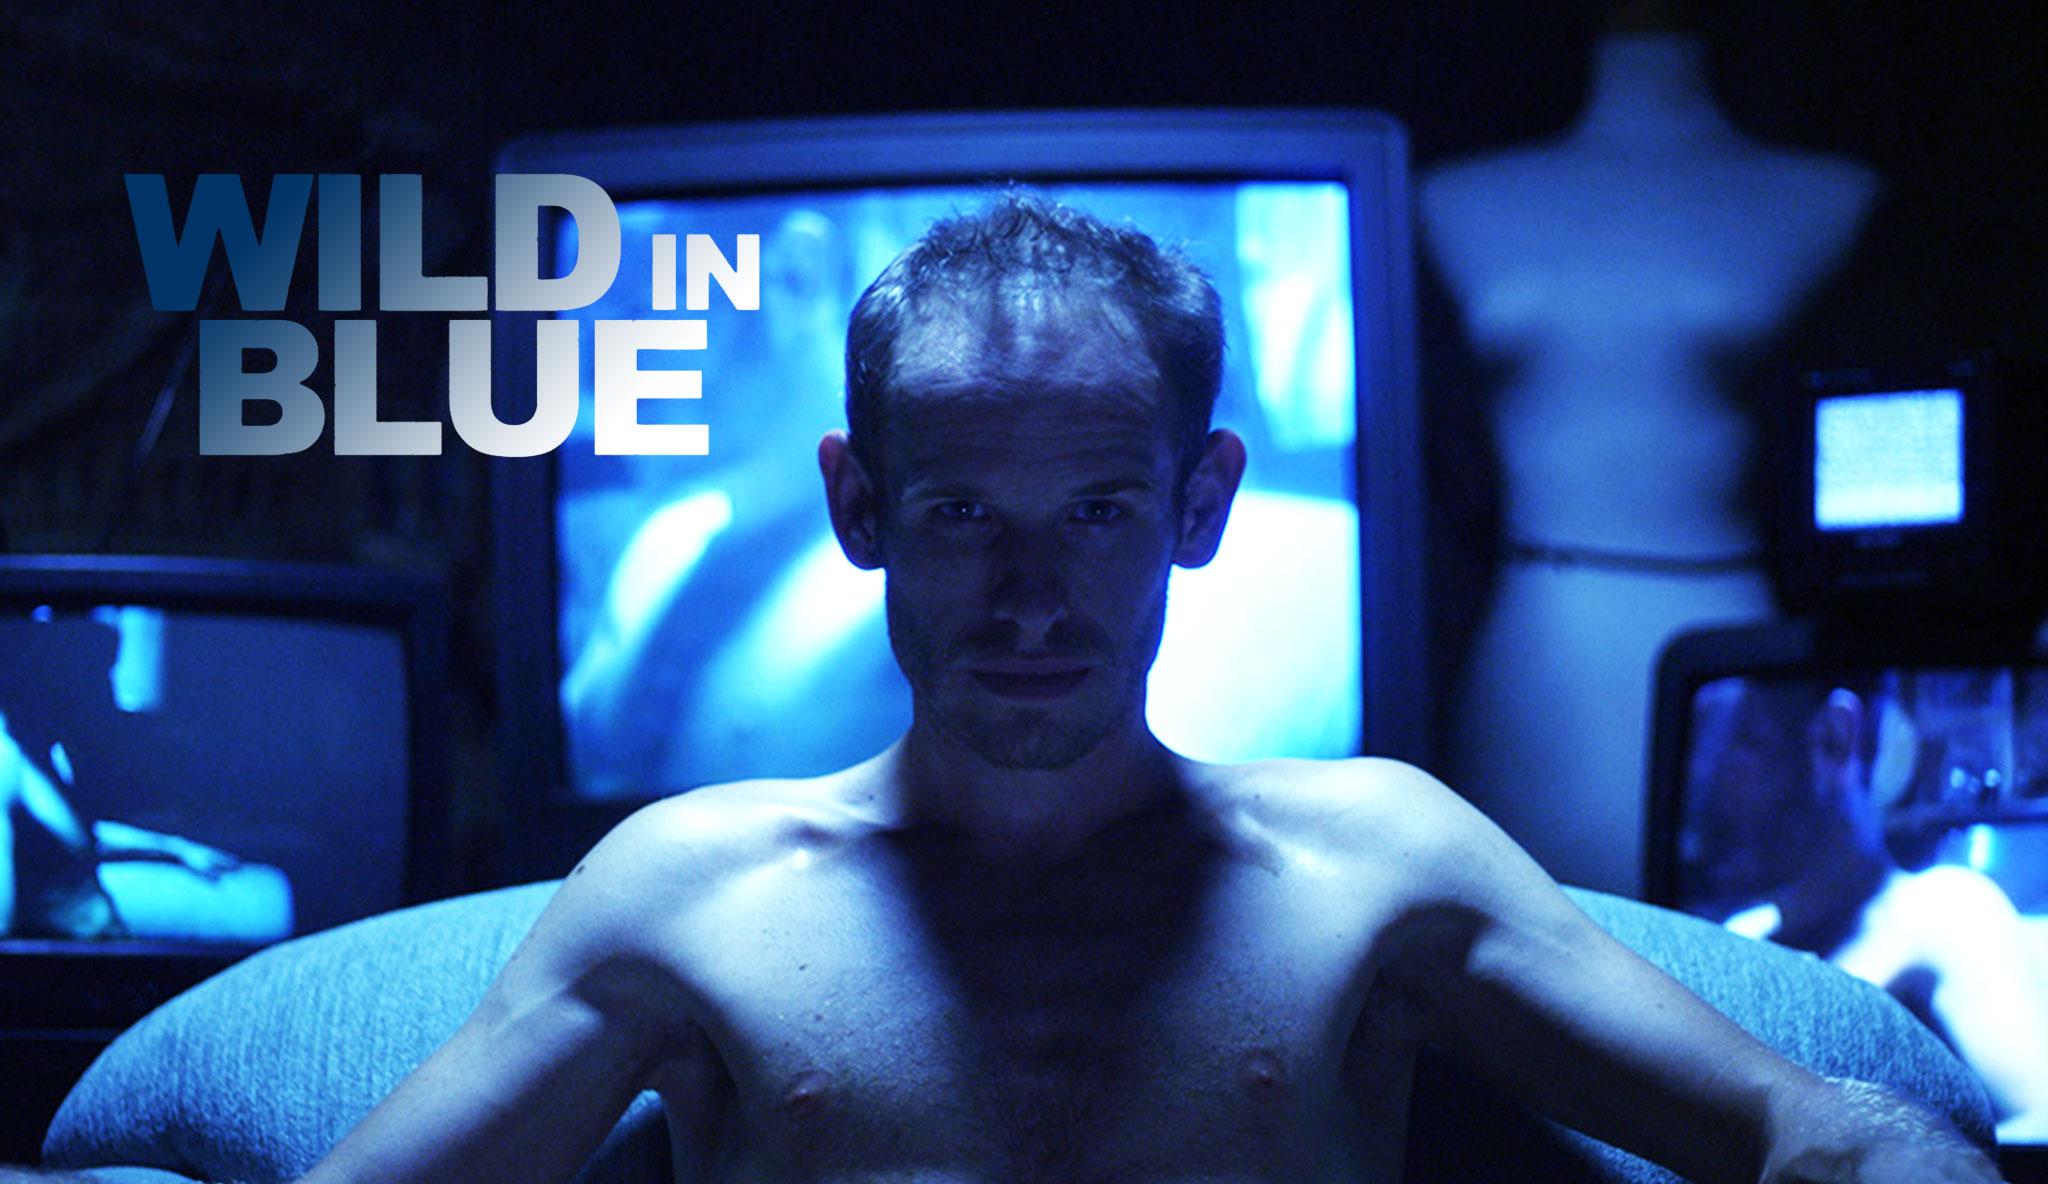 wild-in-blue\header.jpg